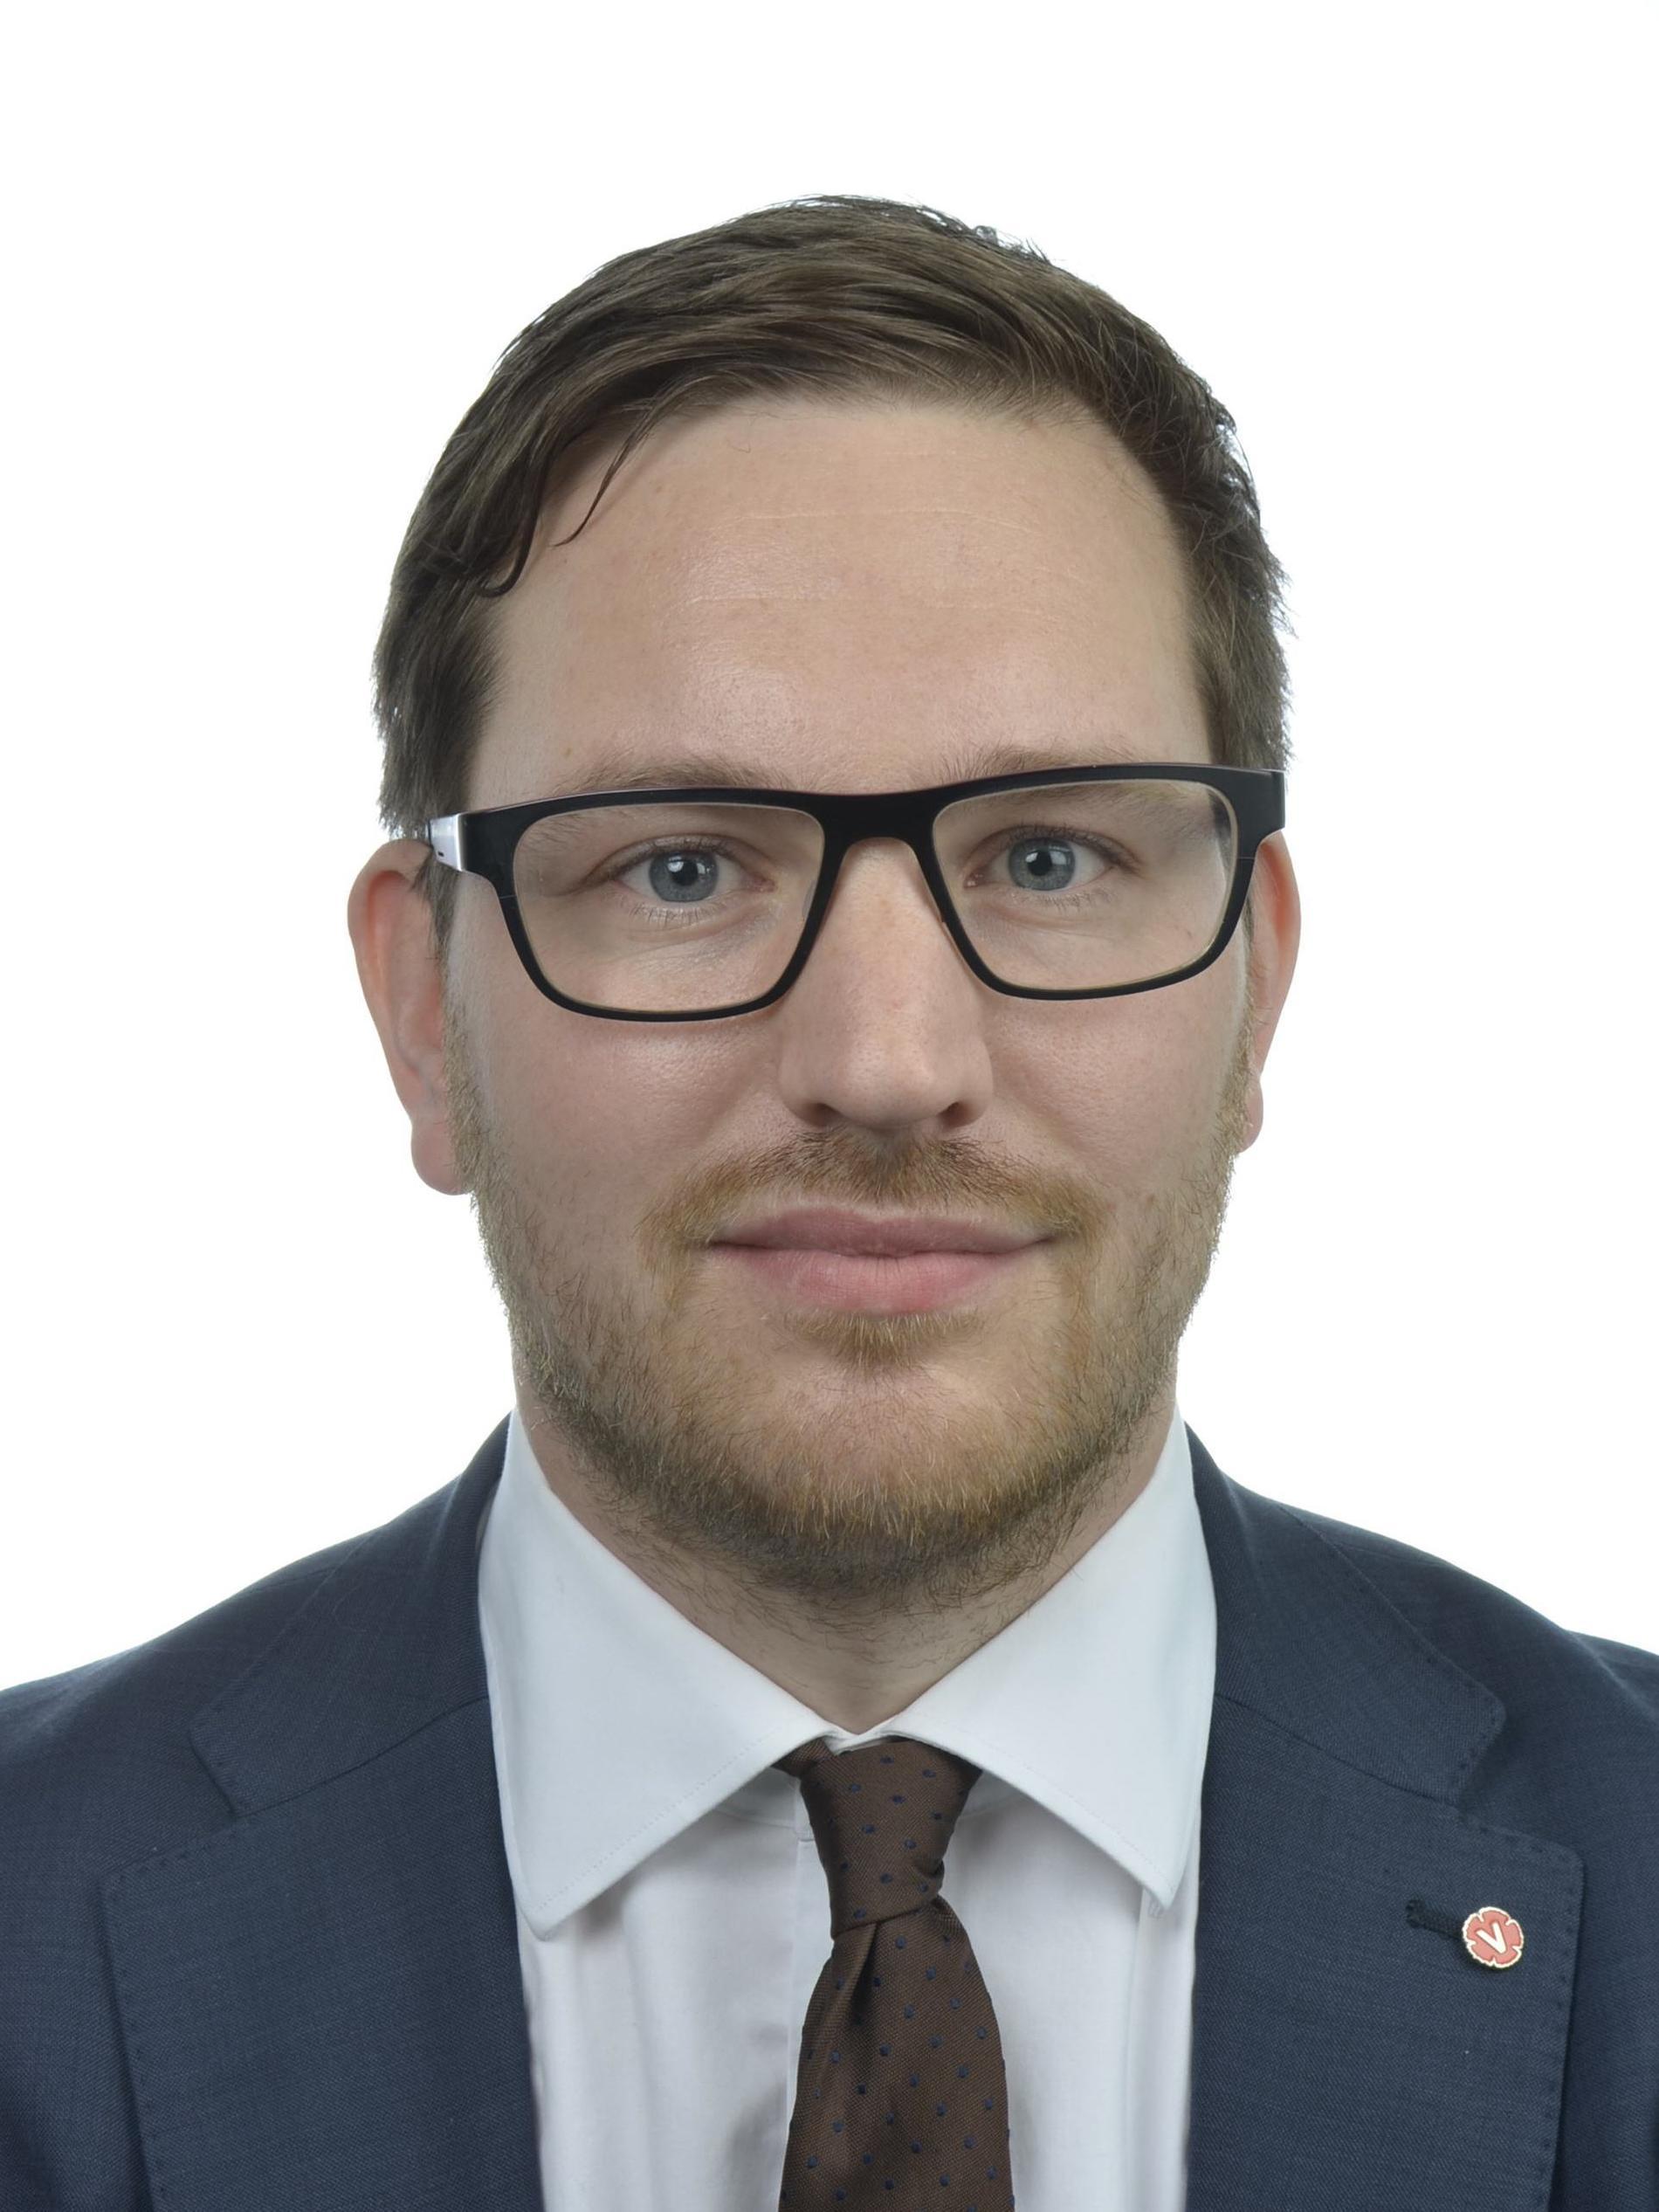 Håkan Svenneling (V) vill ge ekonomiskt bistånd till USA – som en markering mot Trump